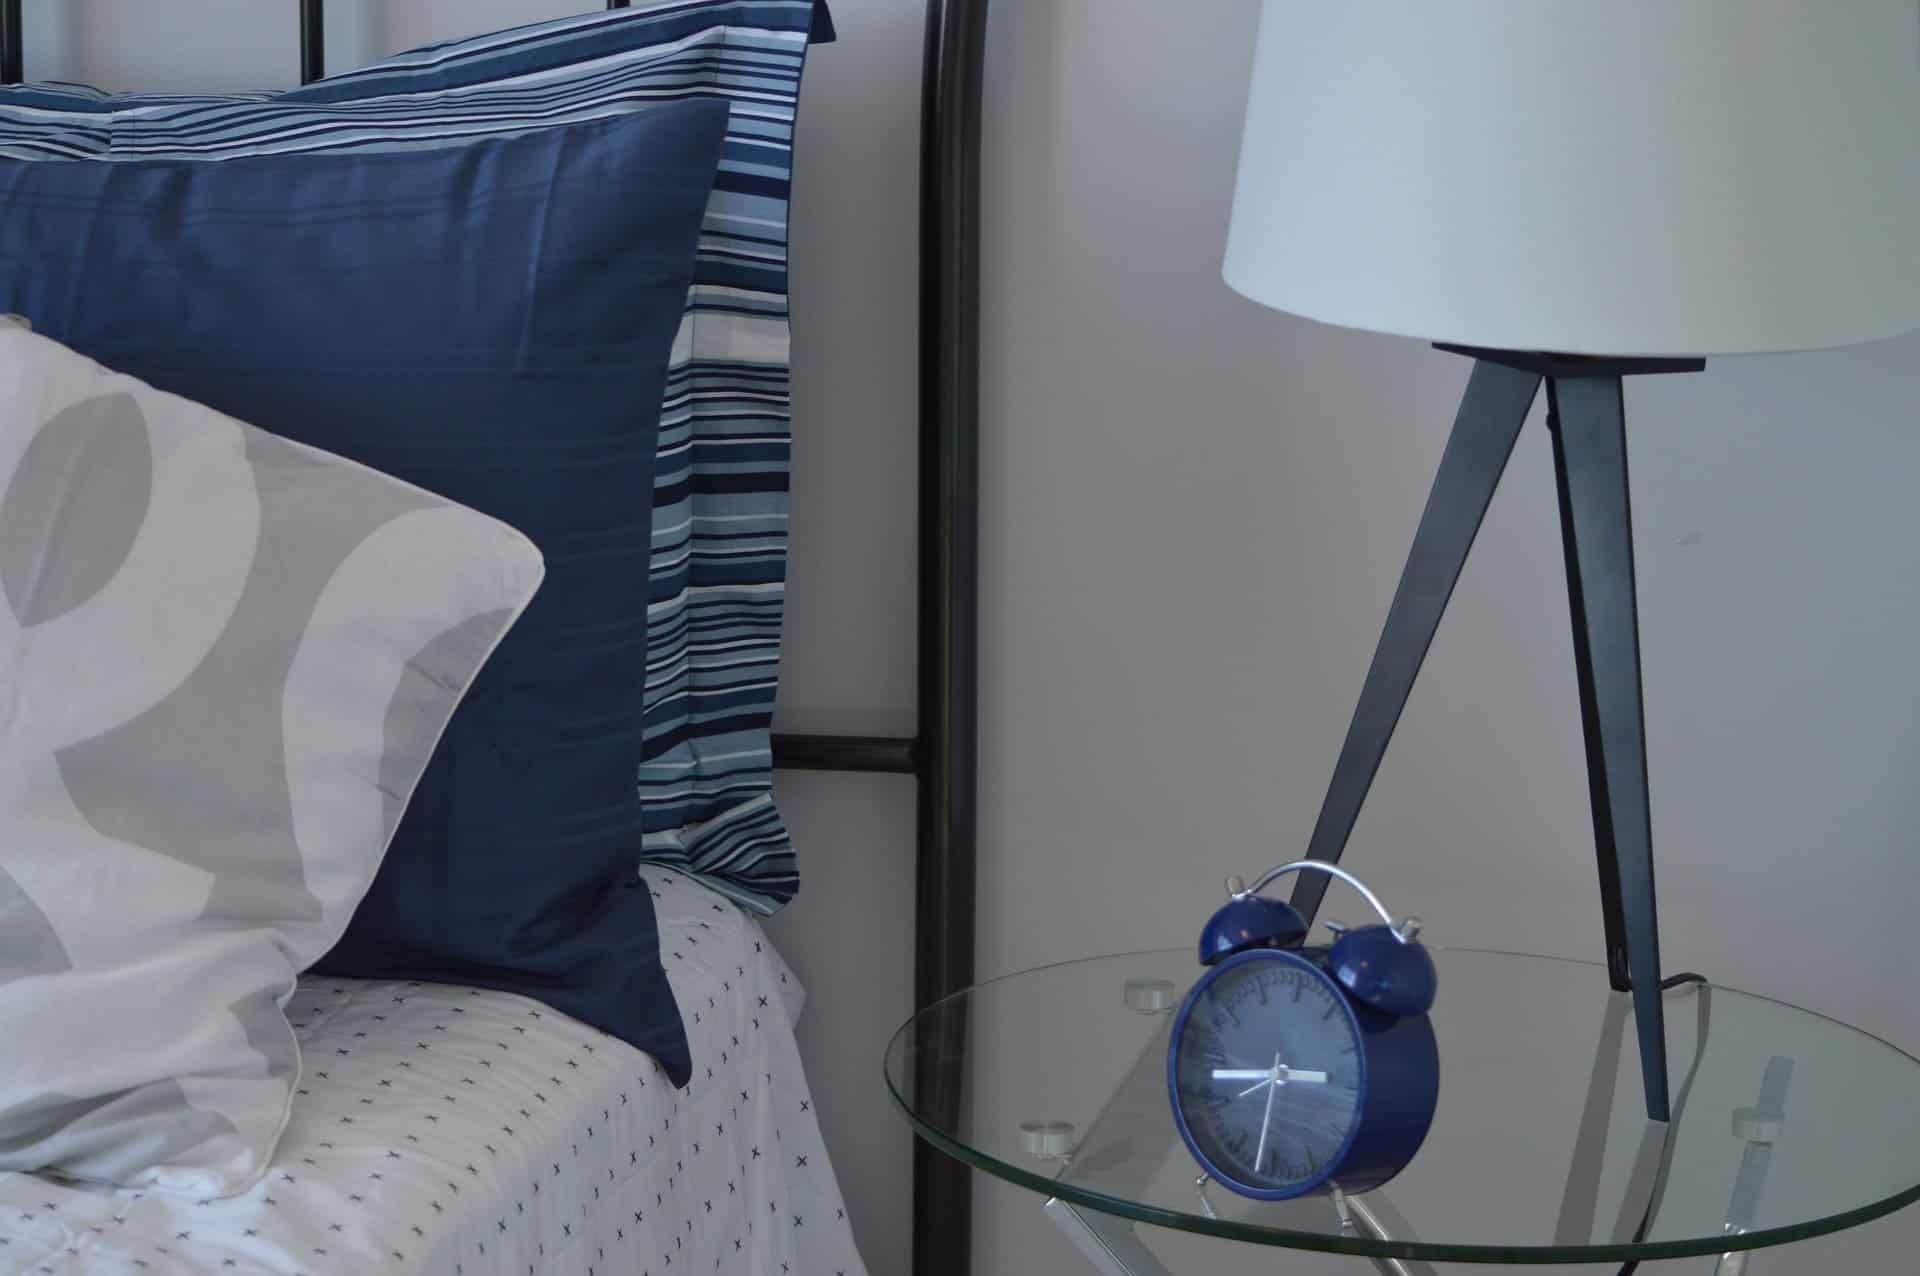 nachttisch test 2018 die besten nachttische nachtkonsolen im vergleich. Black Bedroom Furniture Sets. Home Design Ideas